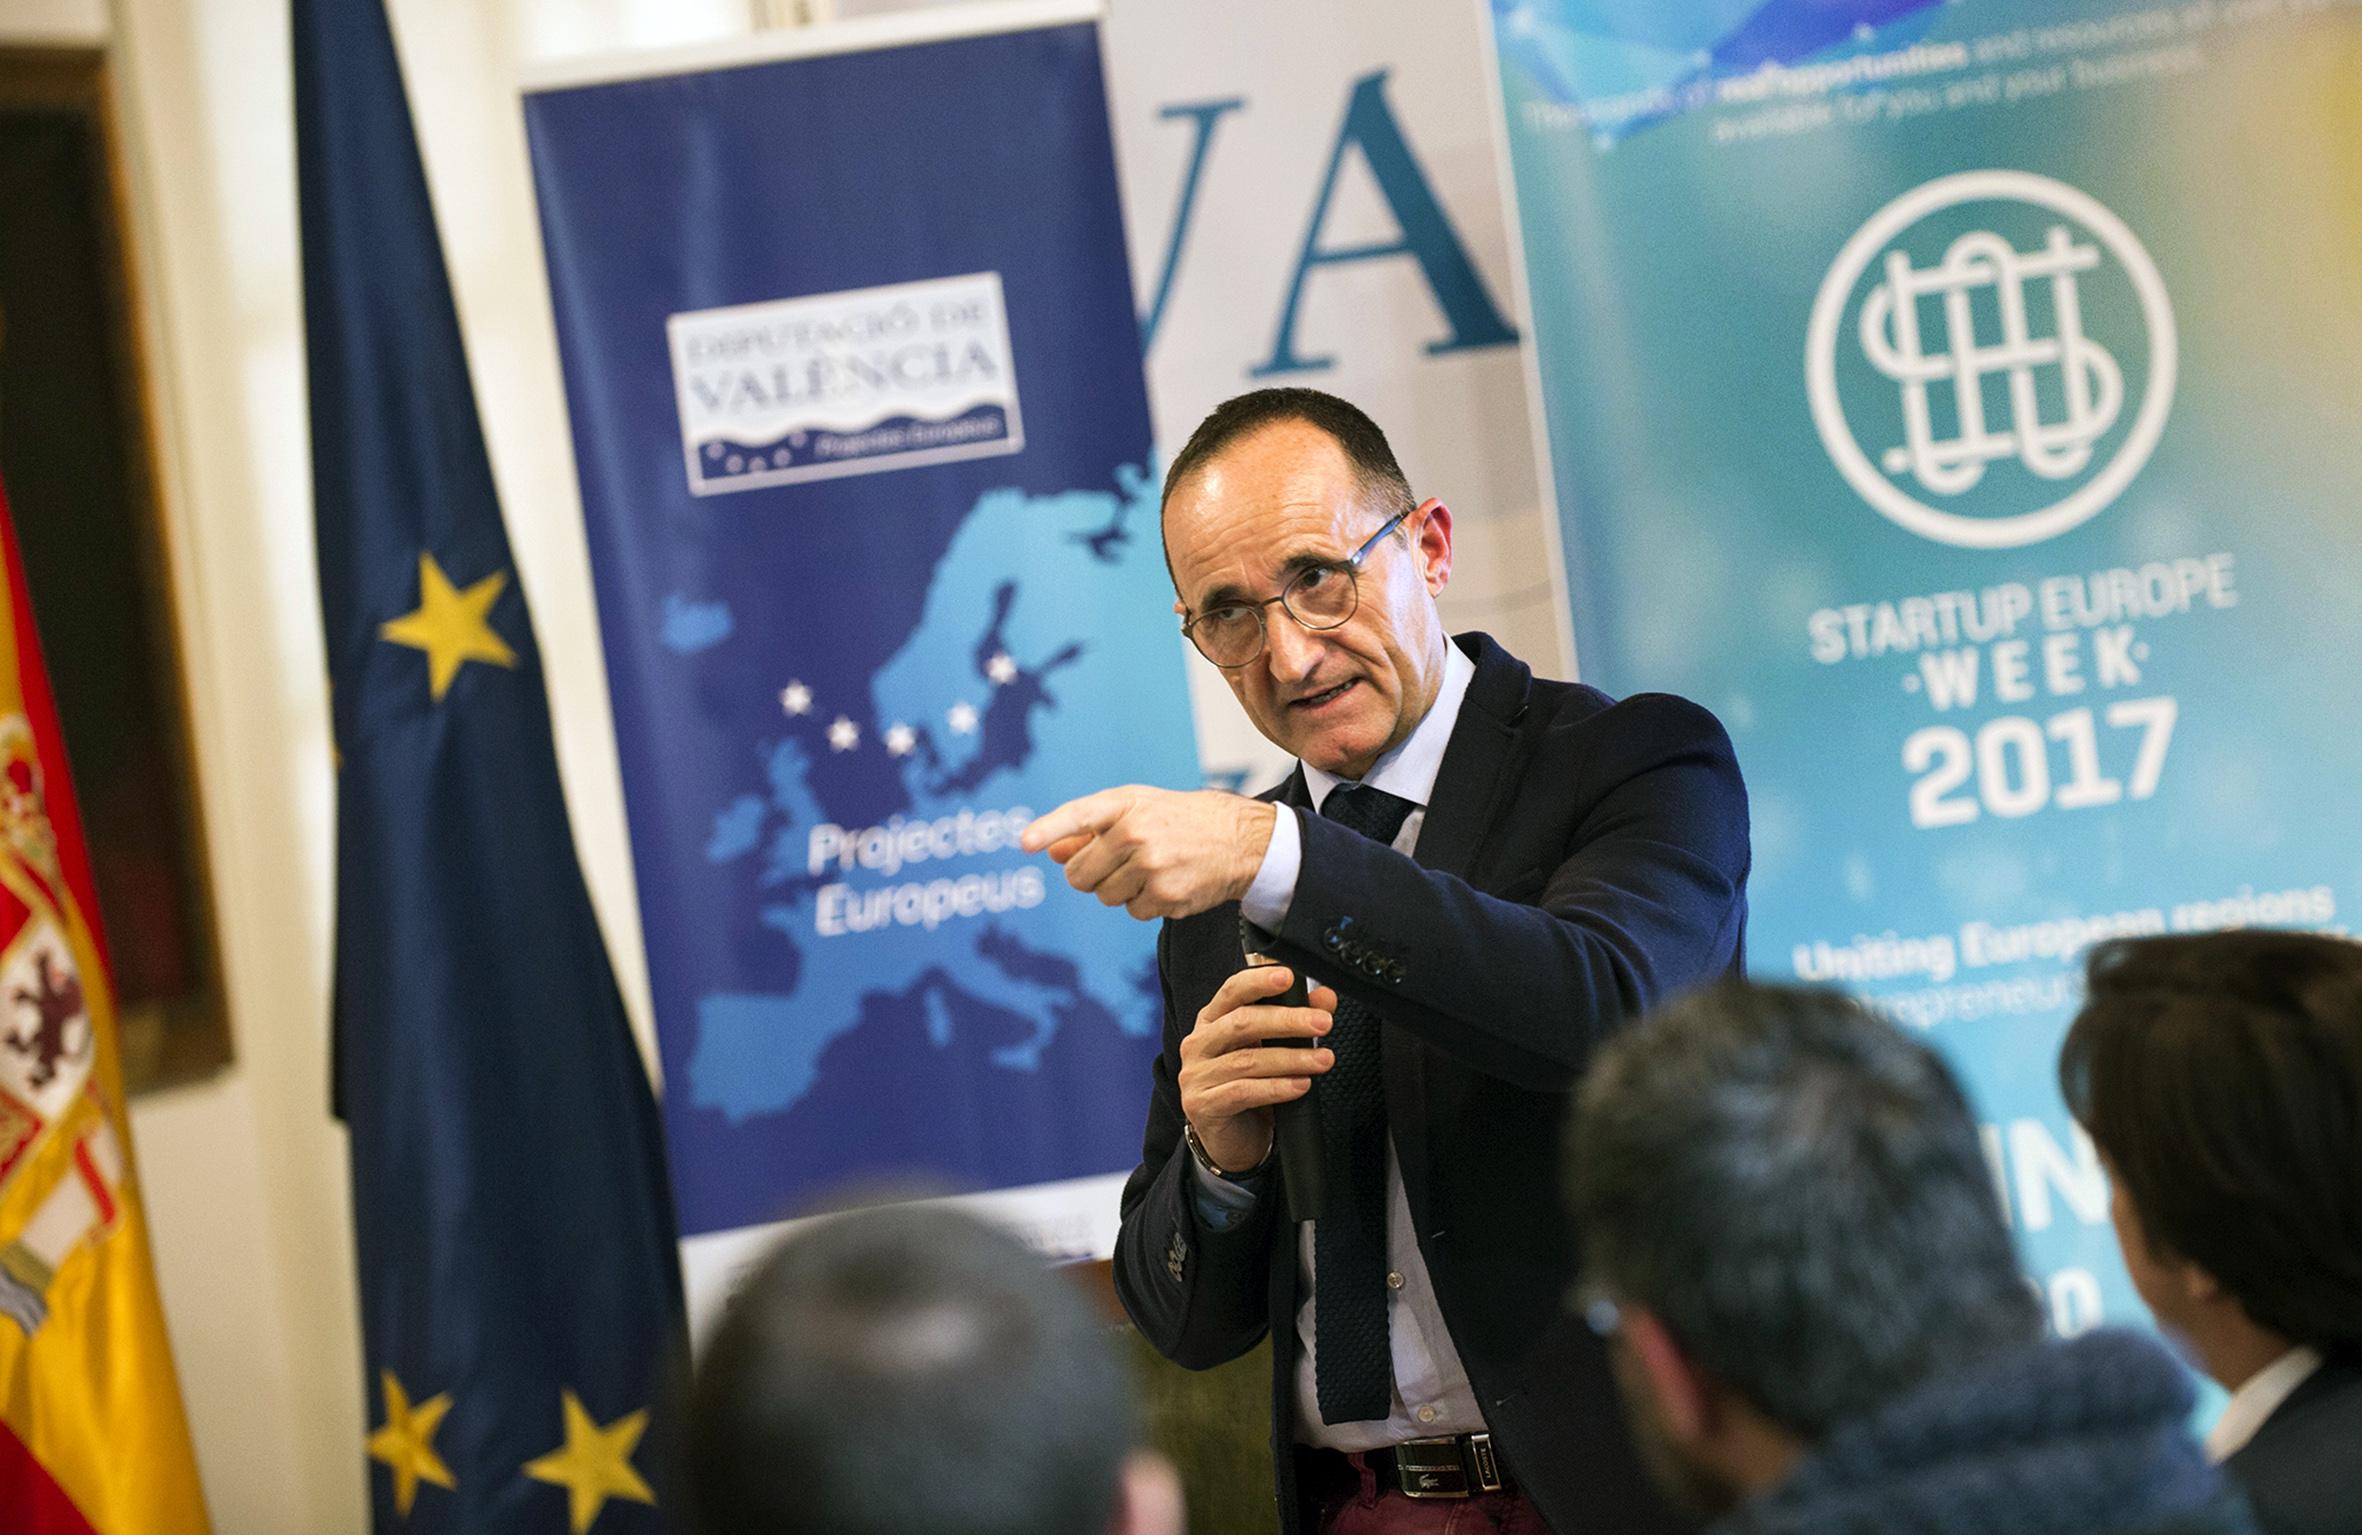 El proyecto 'LSB Protection' de Idai Nature, que pretende reducir la producción química en alimentos, dispondrá de 50.000 euros europeos gracias a la gestión de la Corporación provincial.